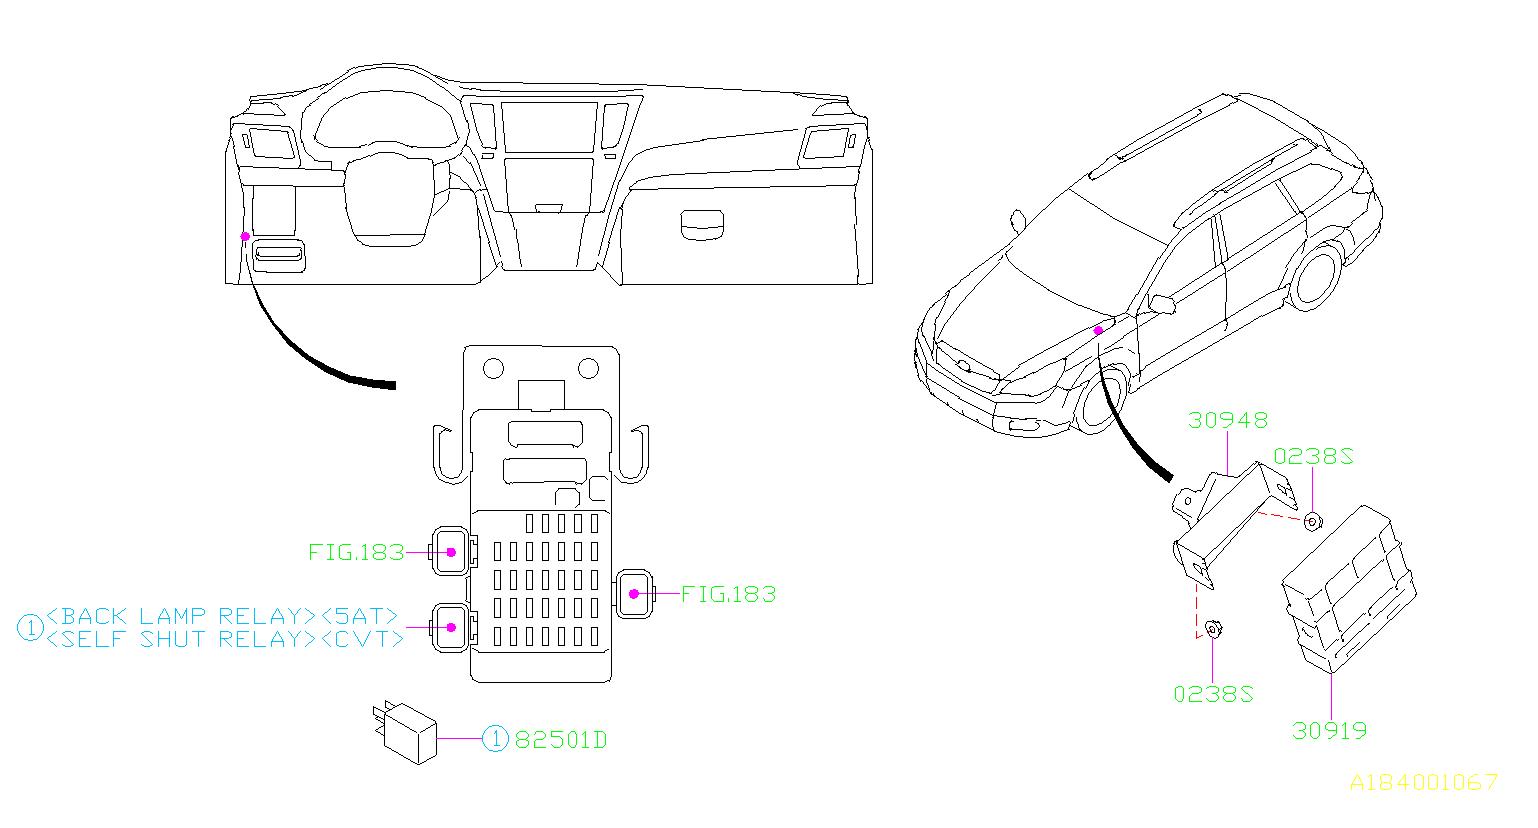 Subaru Outback Automatic Transmission Control Module